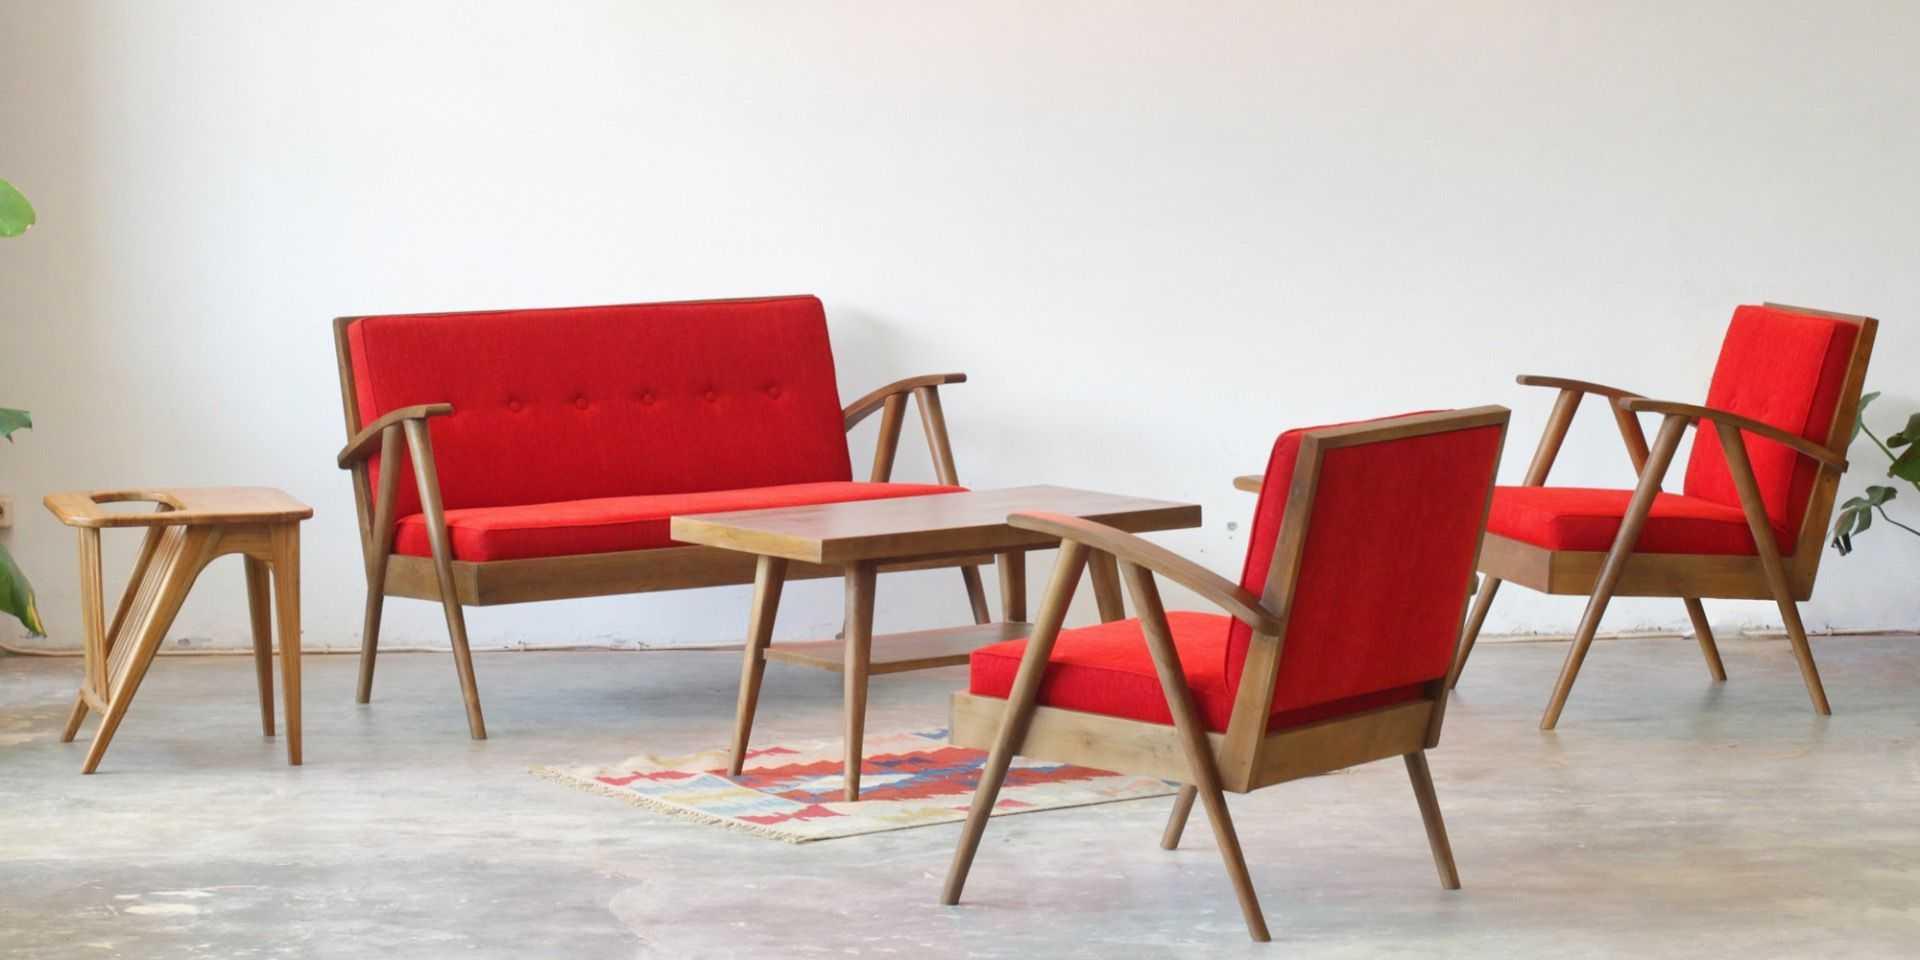 Sofas Avvana Living Set Red Fabelio oleh FABELIO - ARSITAG on